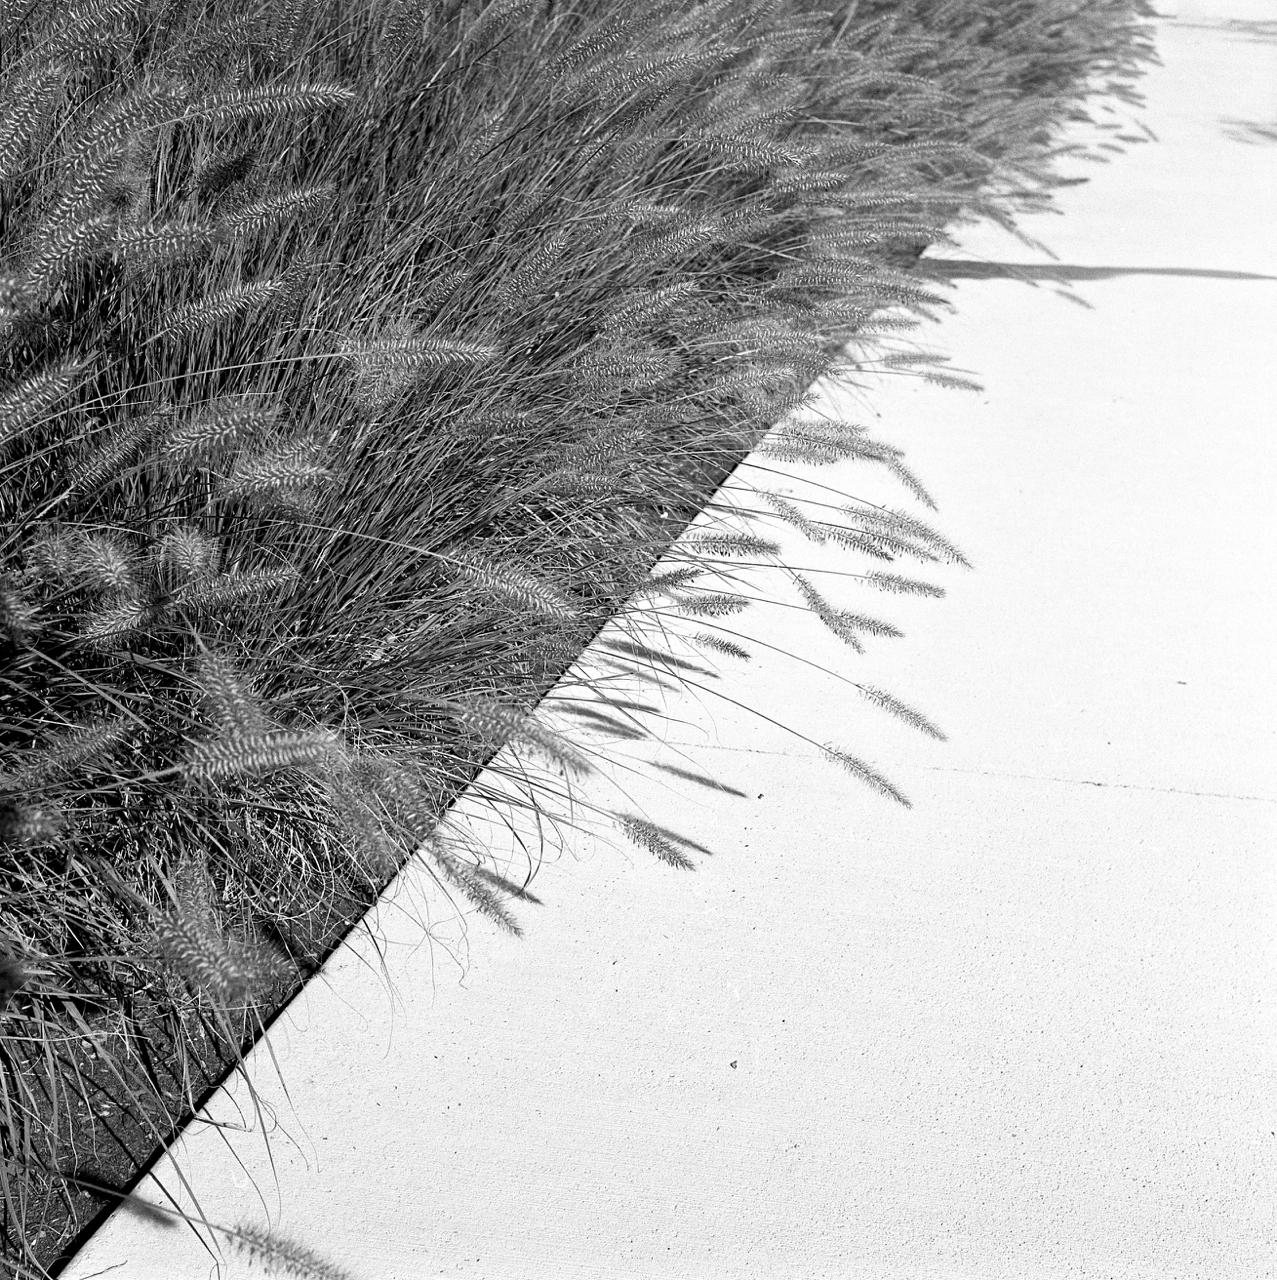 grasses - 1.jpg